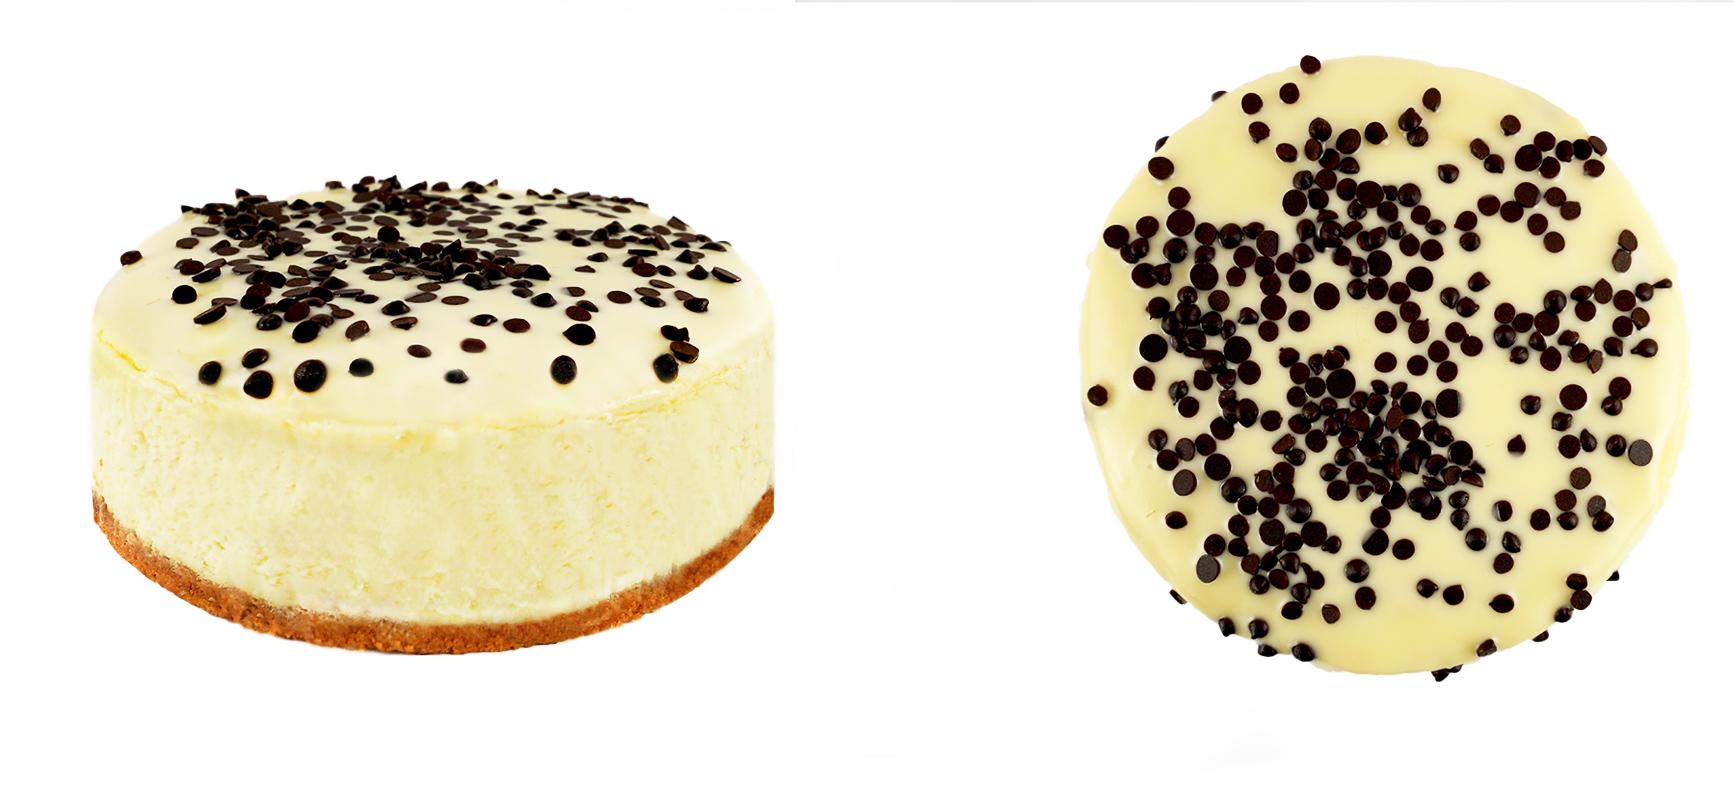 Choco Chip Cheesecake